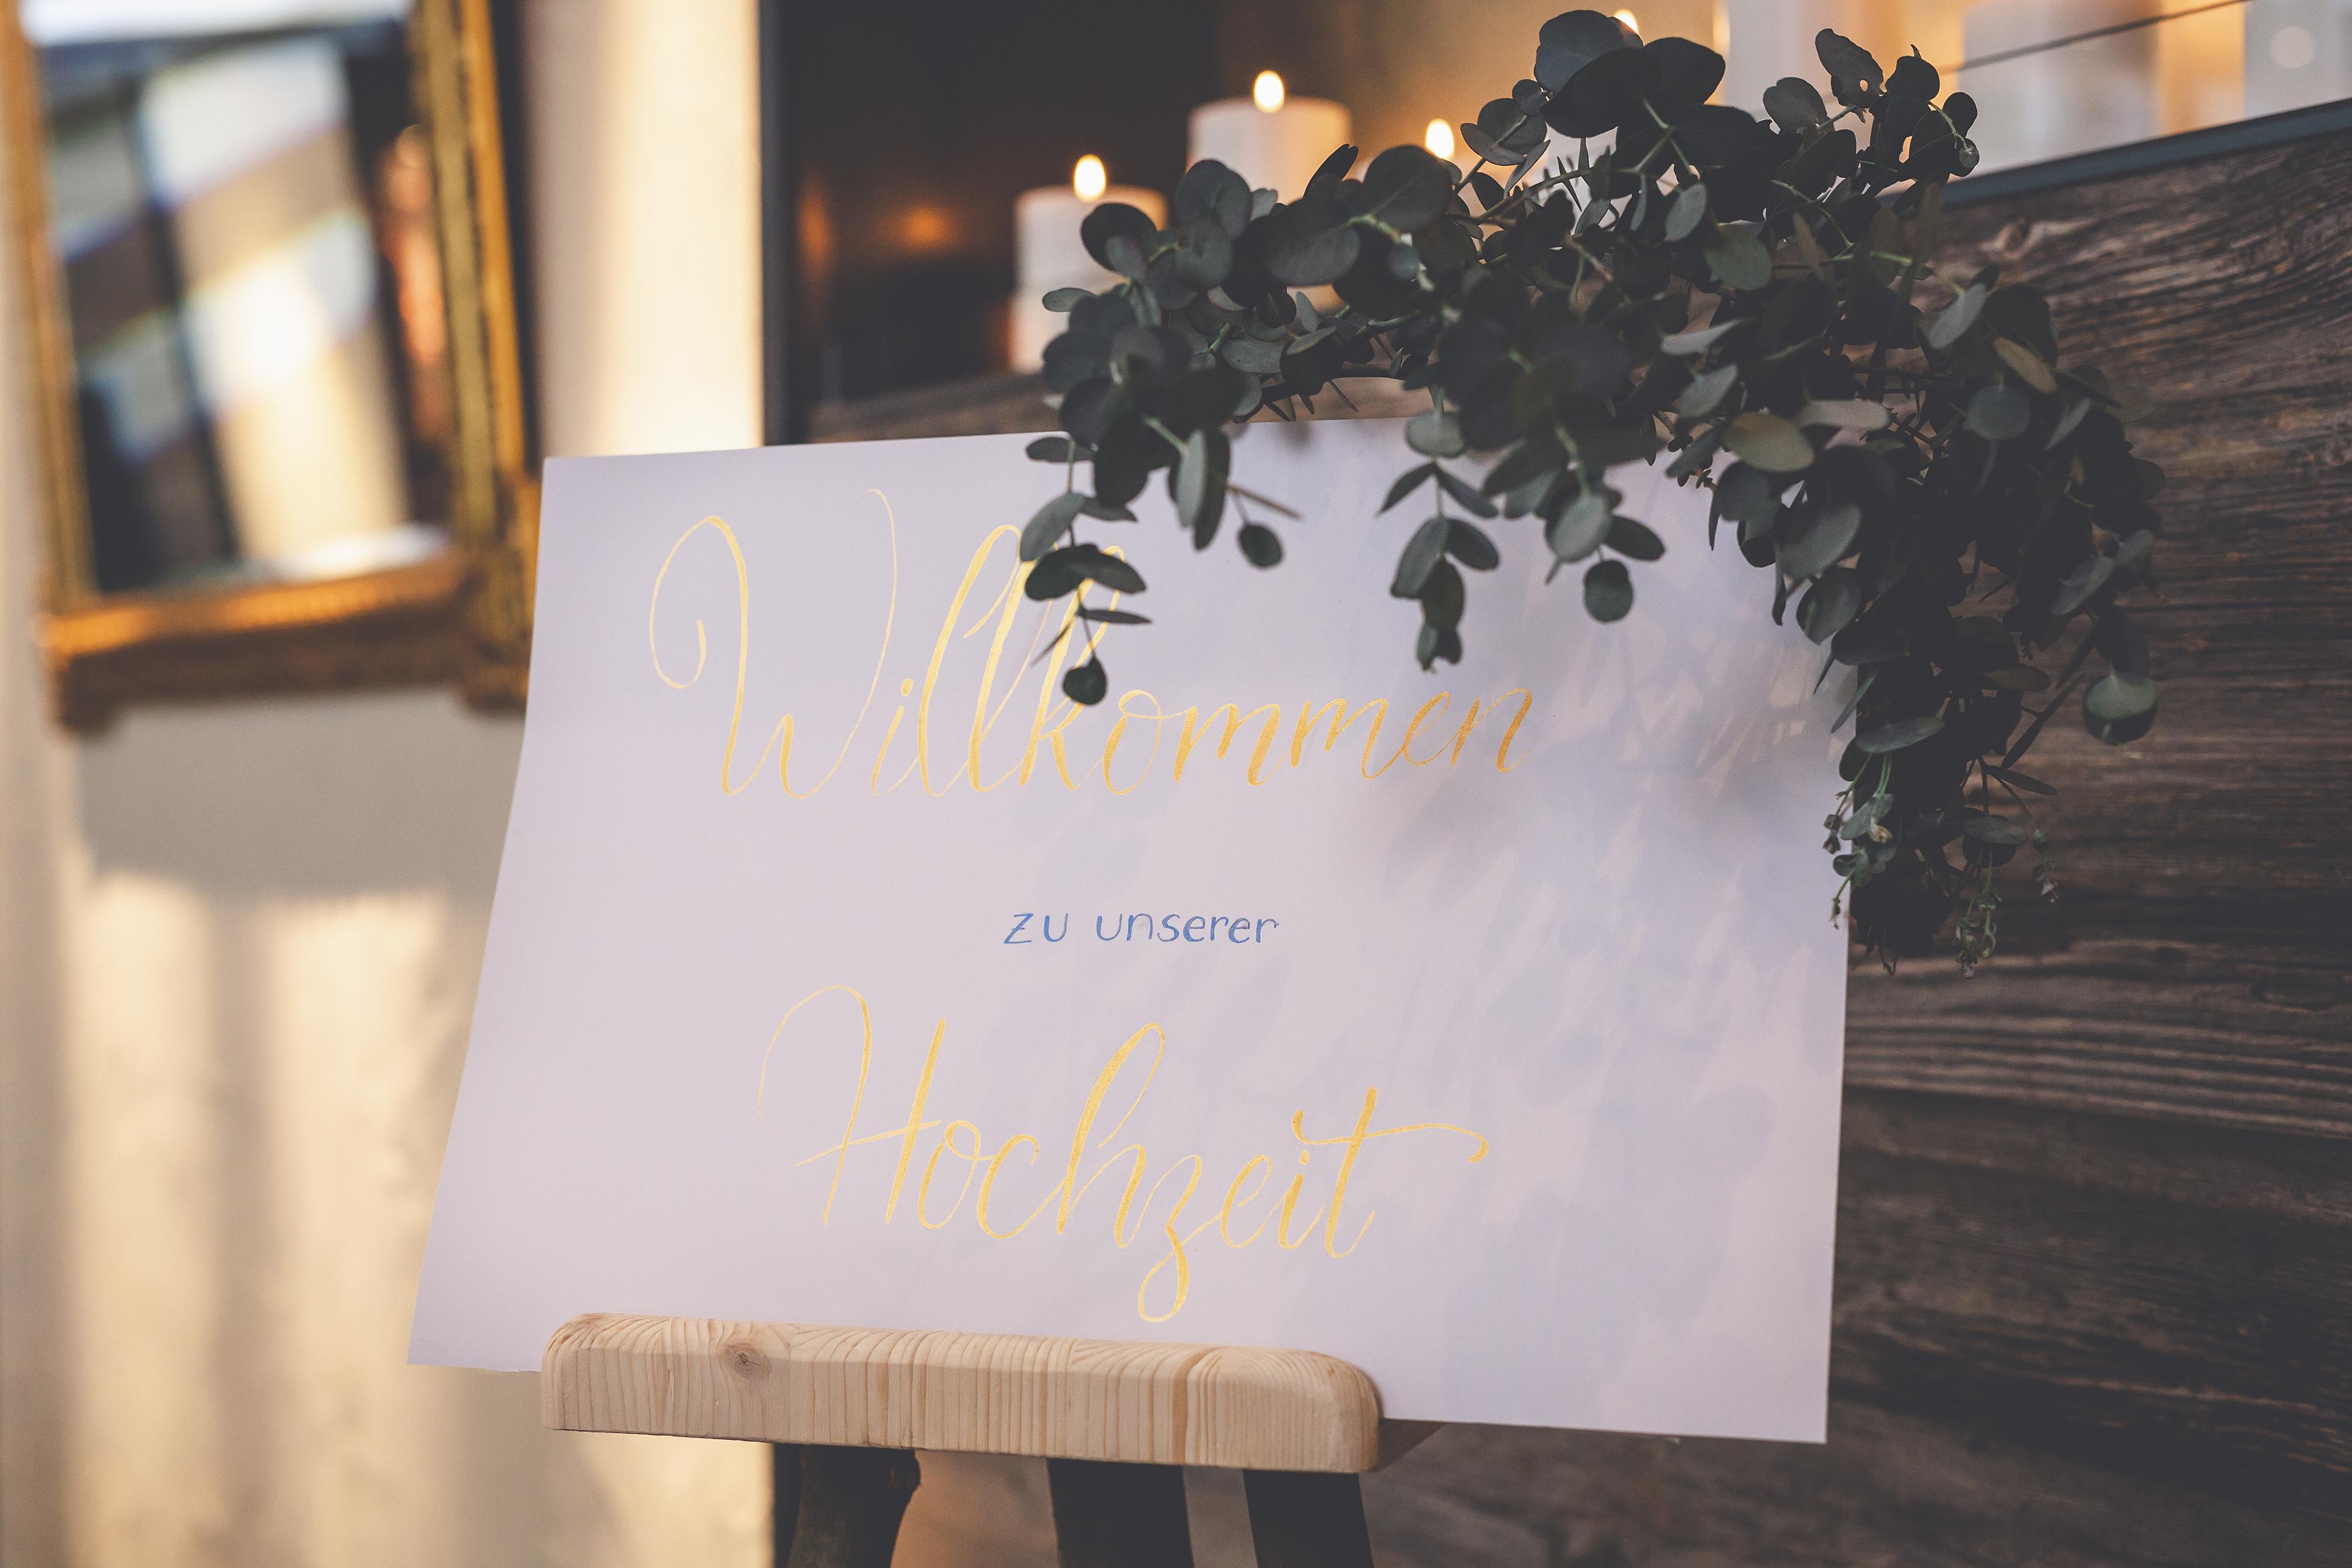 Willkommen zu unserer Hochzeit